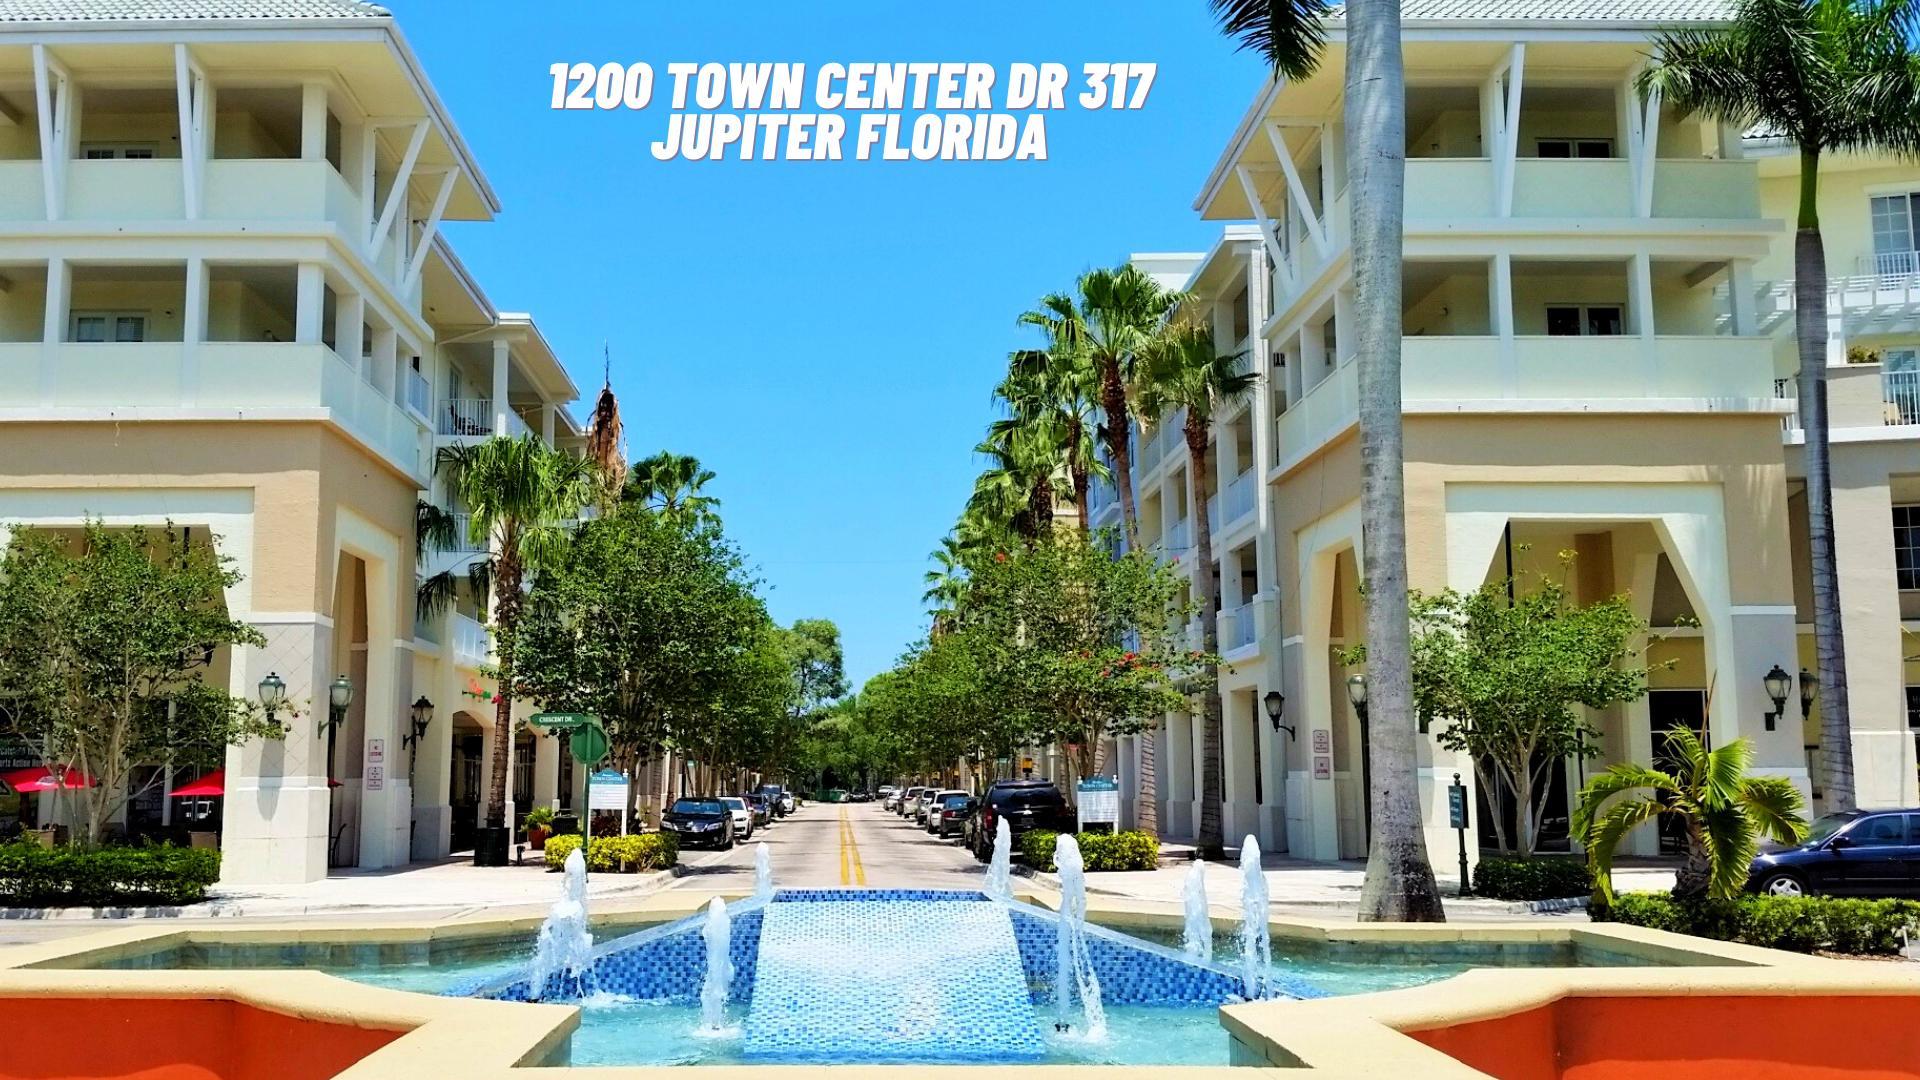 Abacoa - 1200 Town Center Drive 317 Jupiter FL 33458